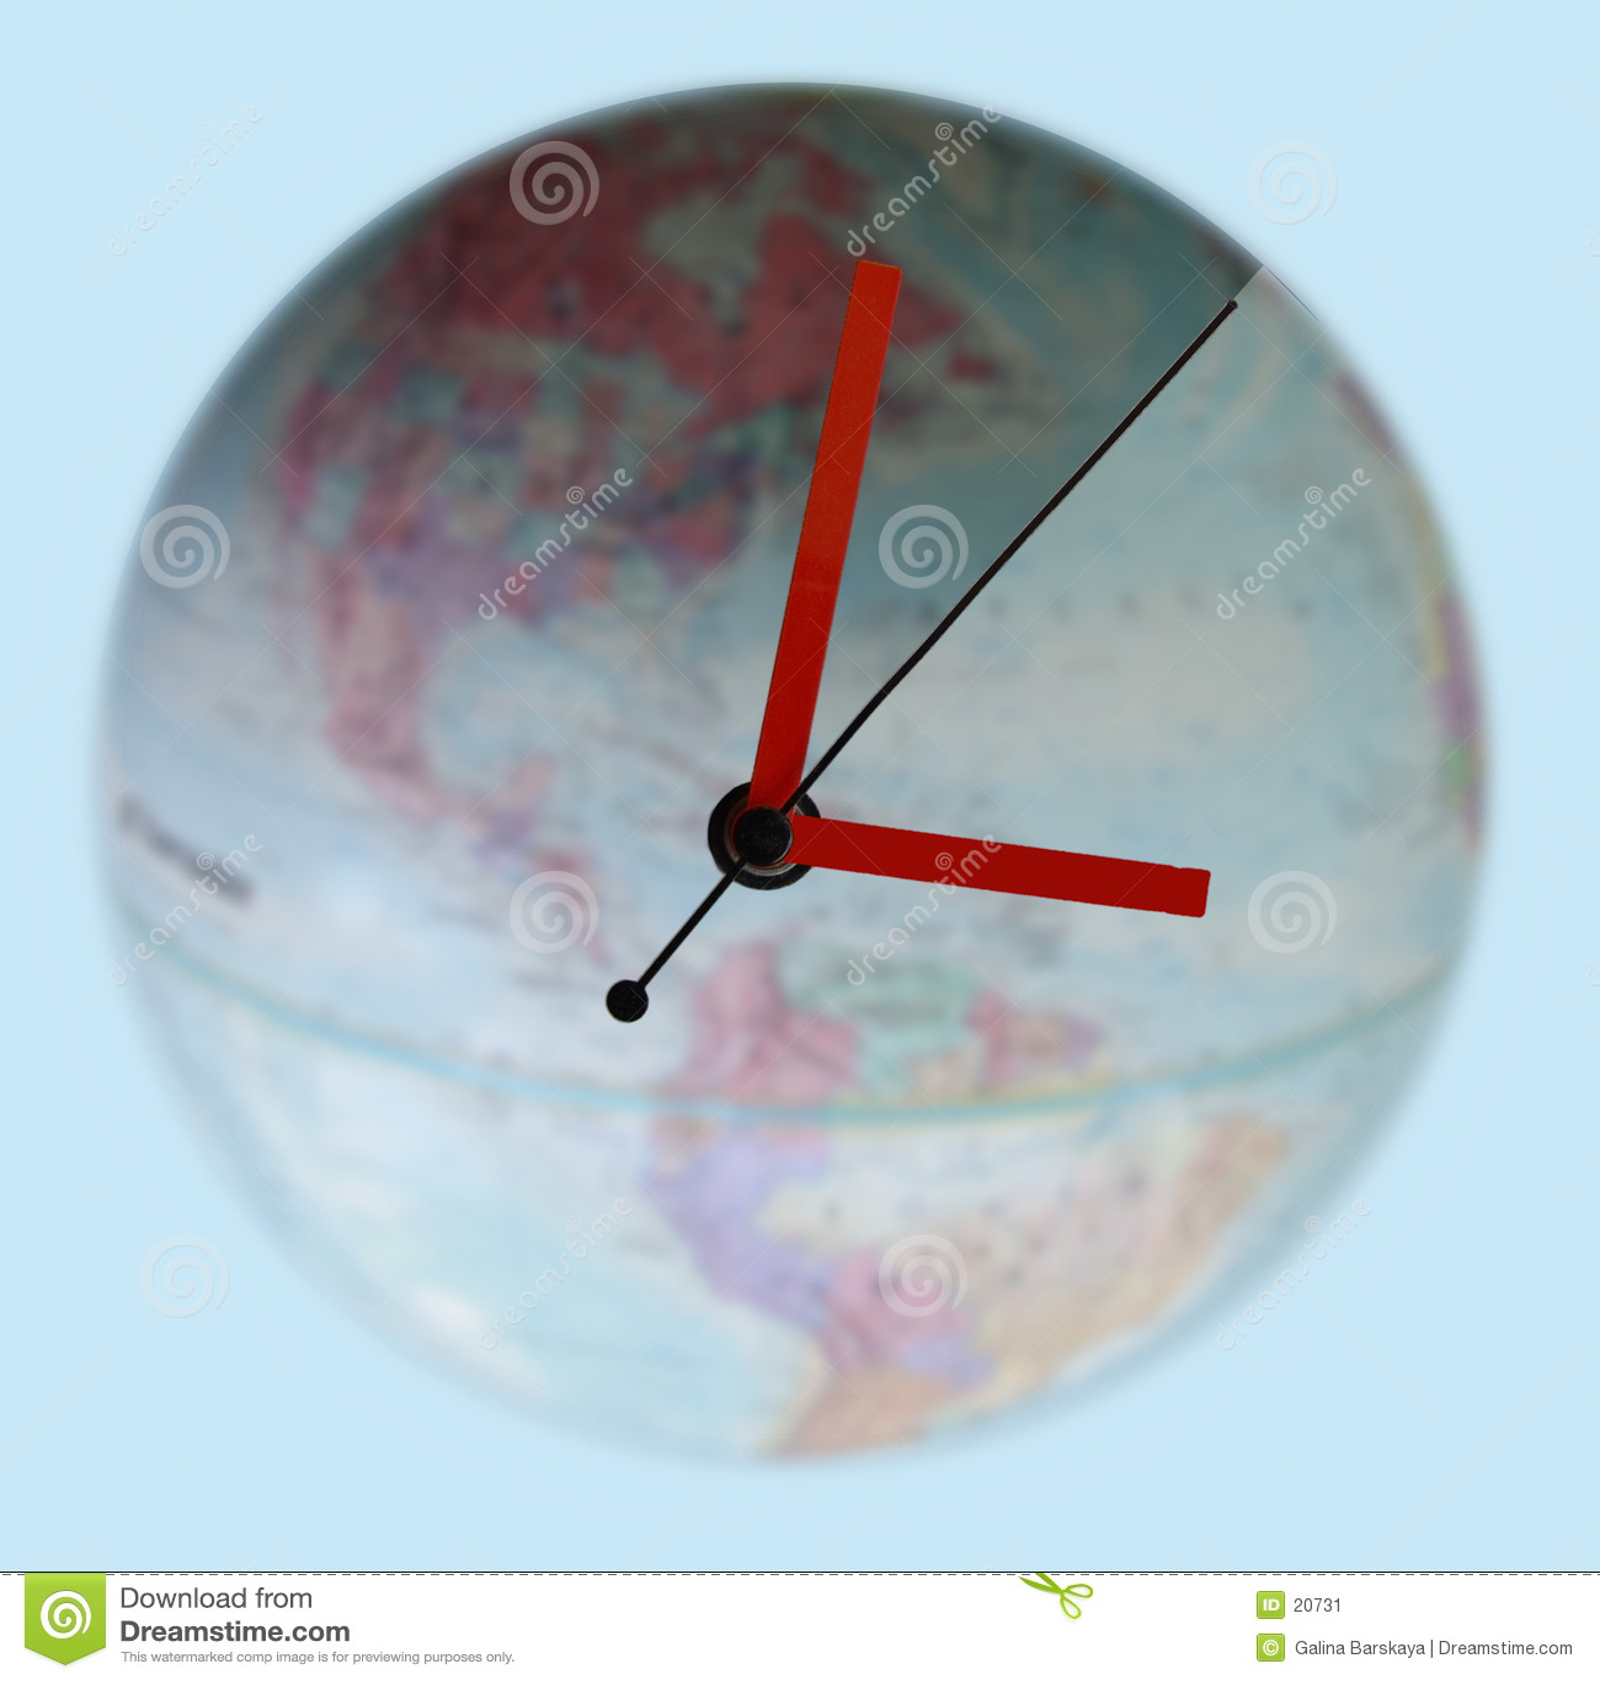 Las veinticuatro horas del día